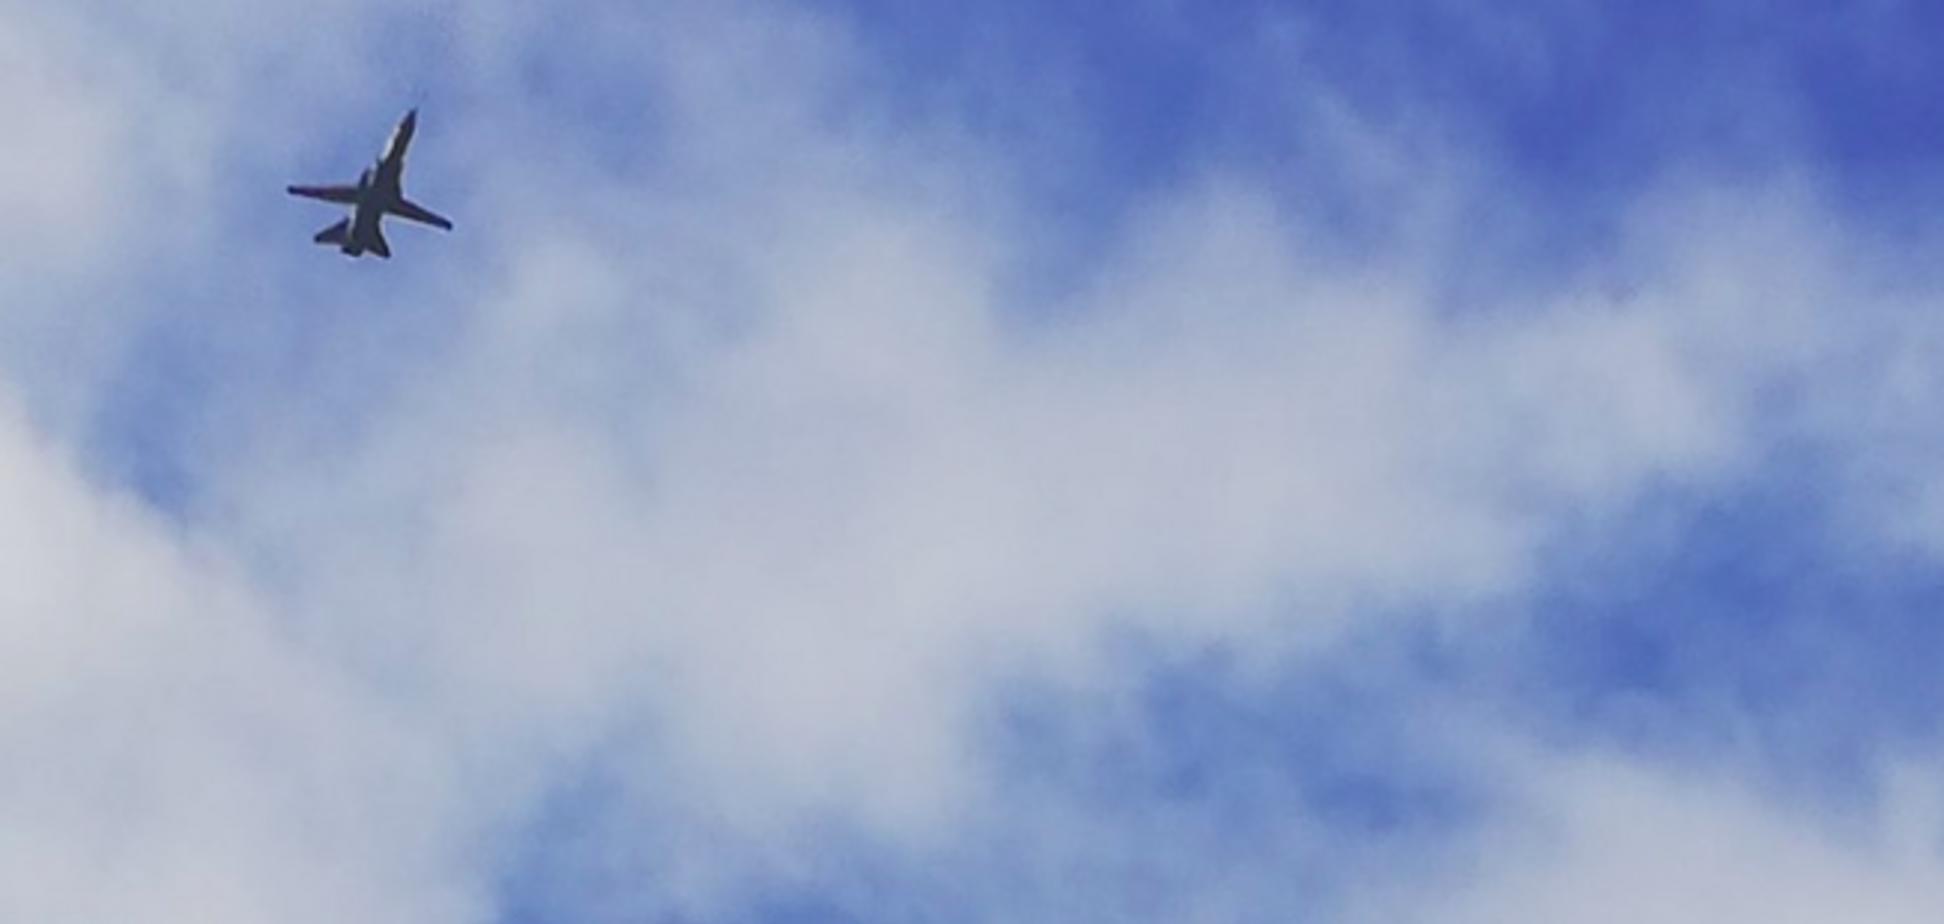 Летіли на маленькій висоті: вінничан стривожила військова авіація